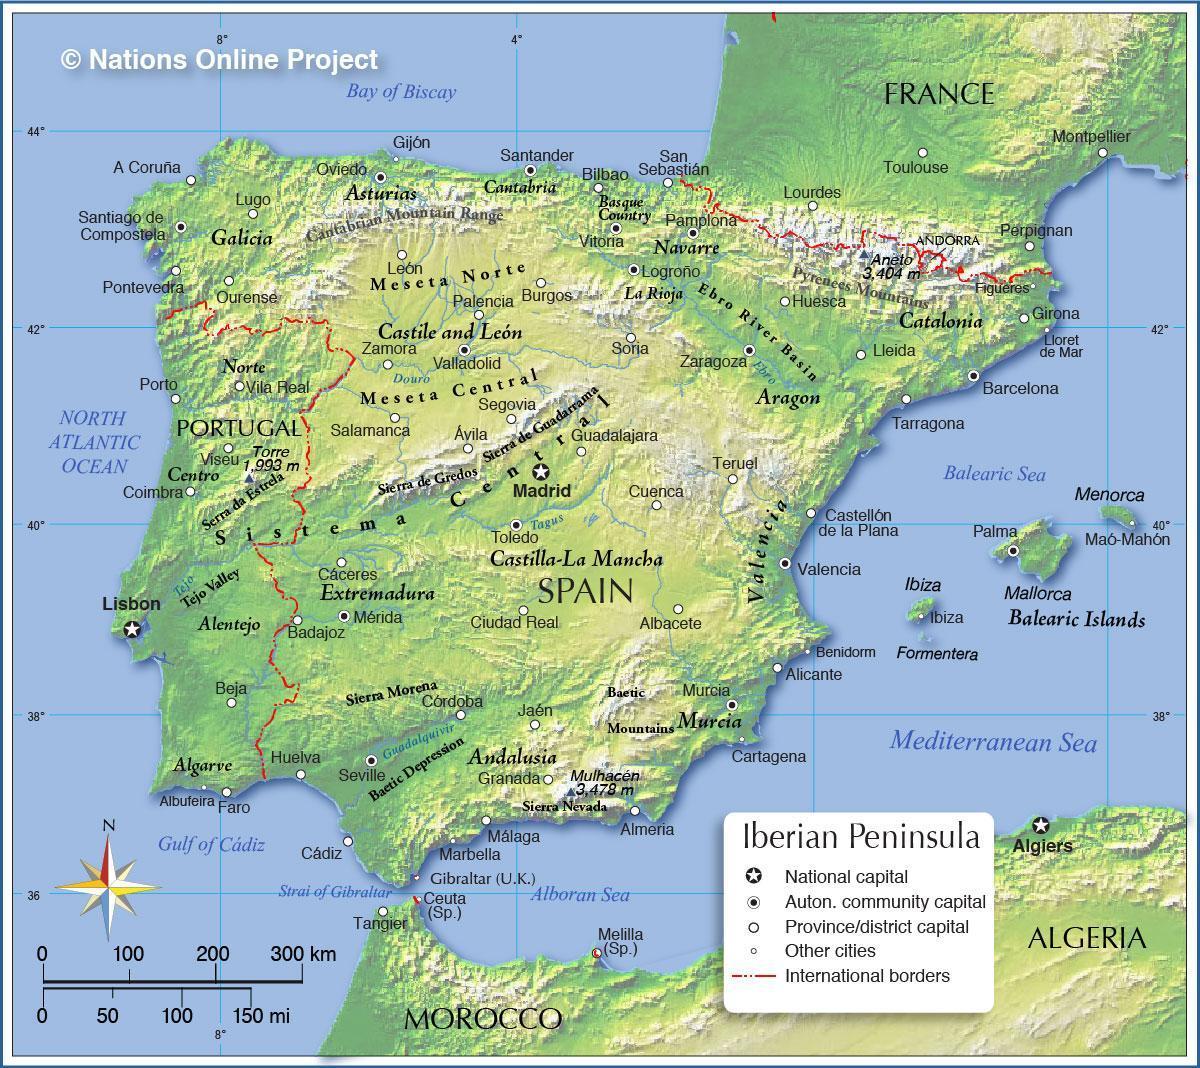 Spagna Sud Cartina.Spagna Altitudine Mappa Cartina Della Spagna Altitudine Europa Del Sud Europa